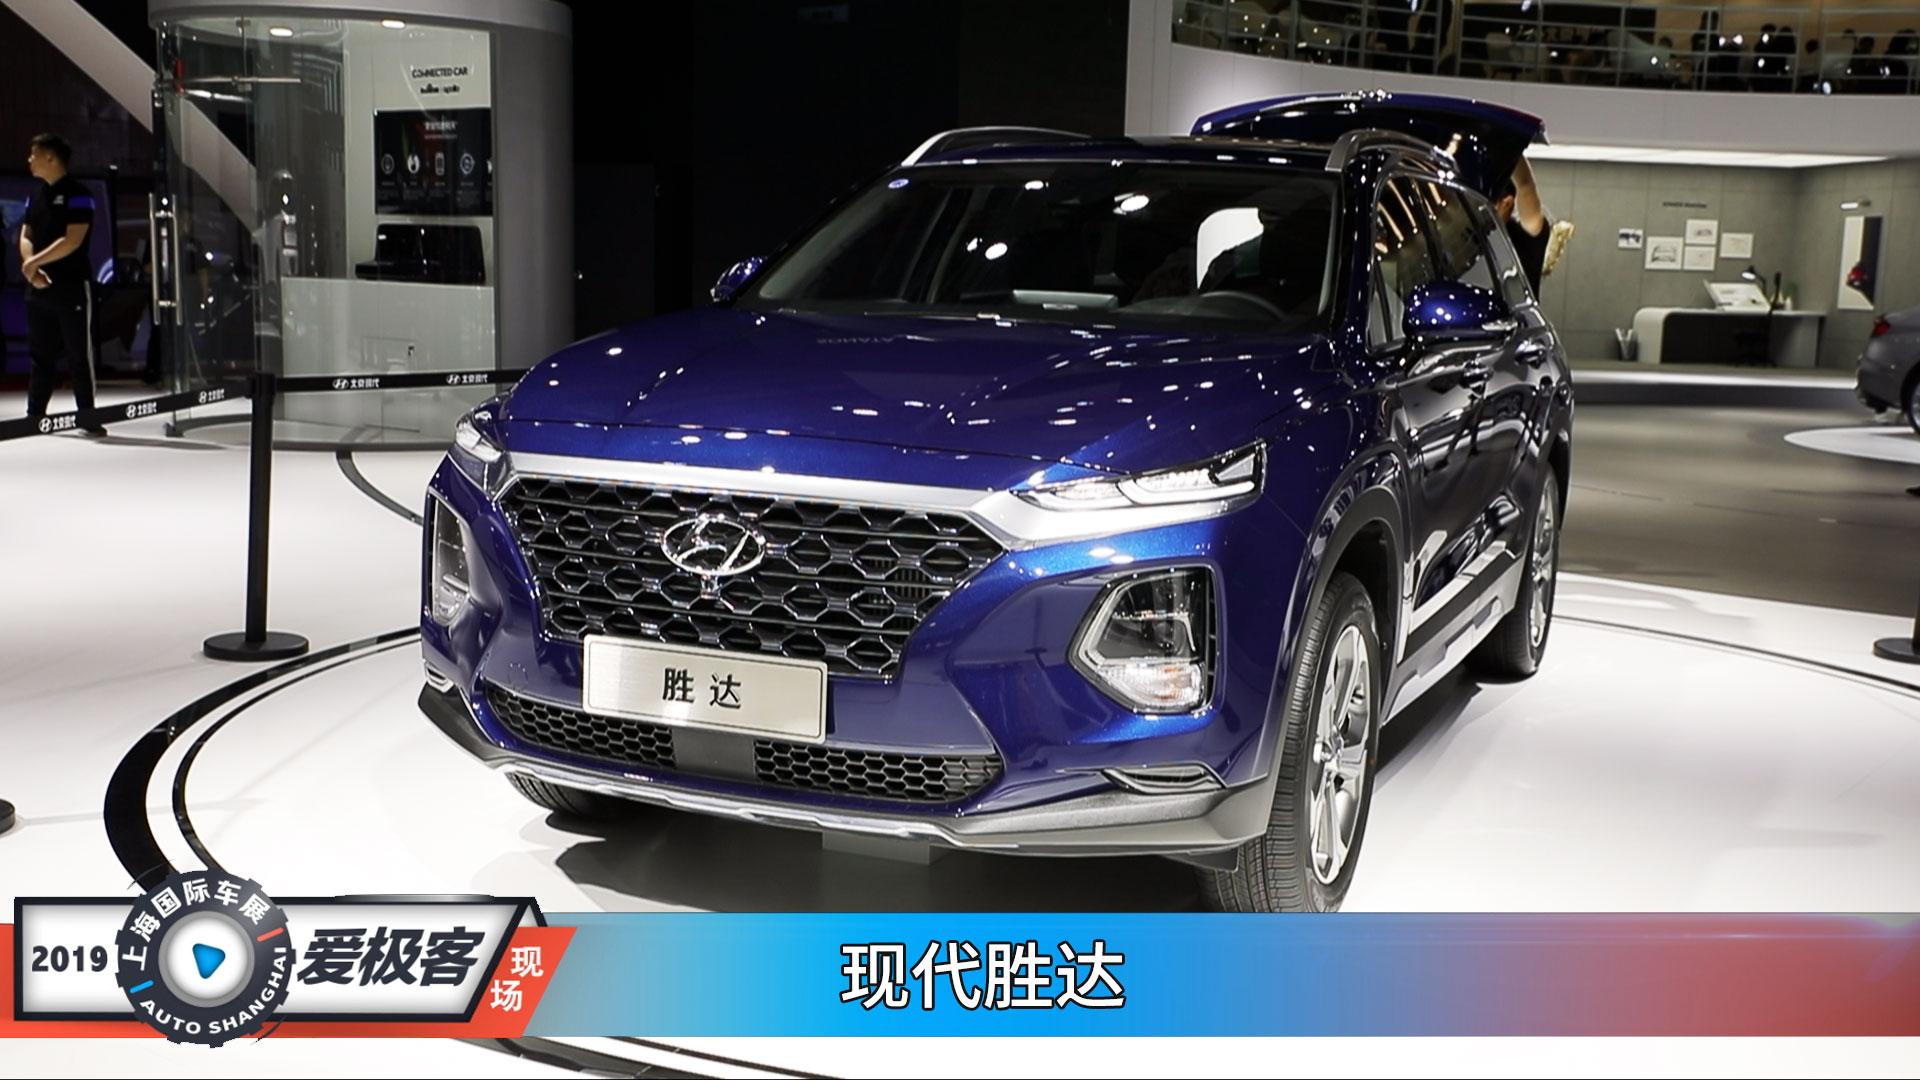 2019上海车展 国产之后更香 现代胜达